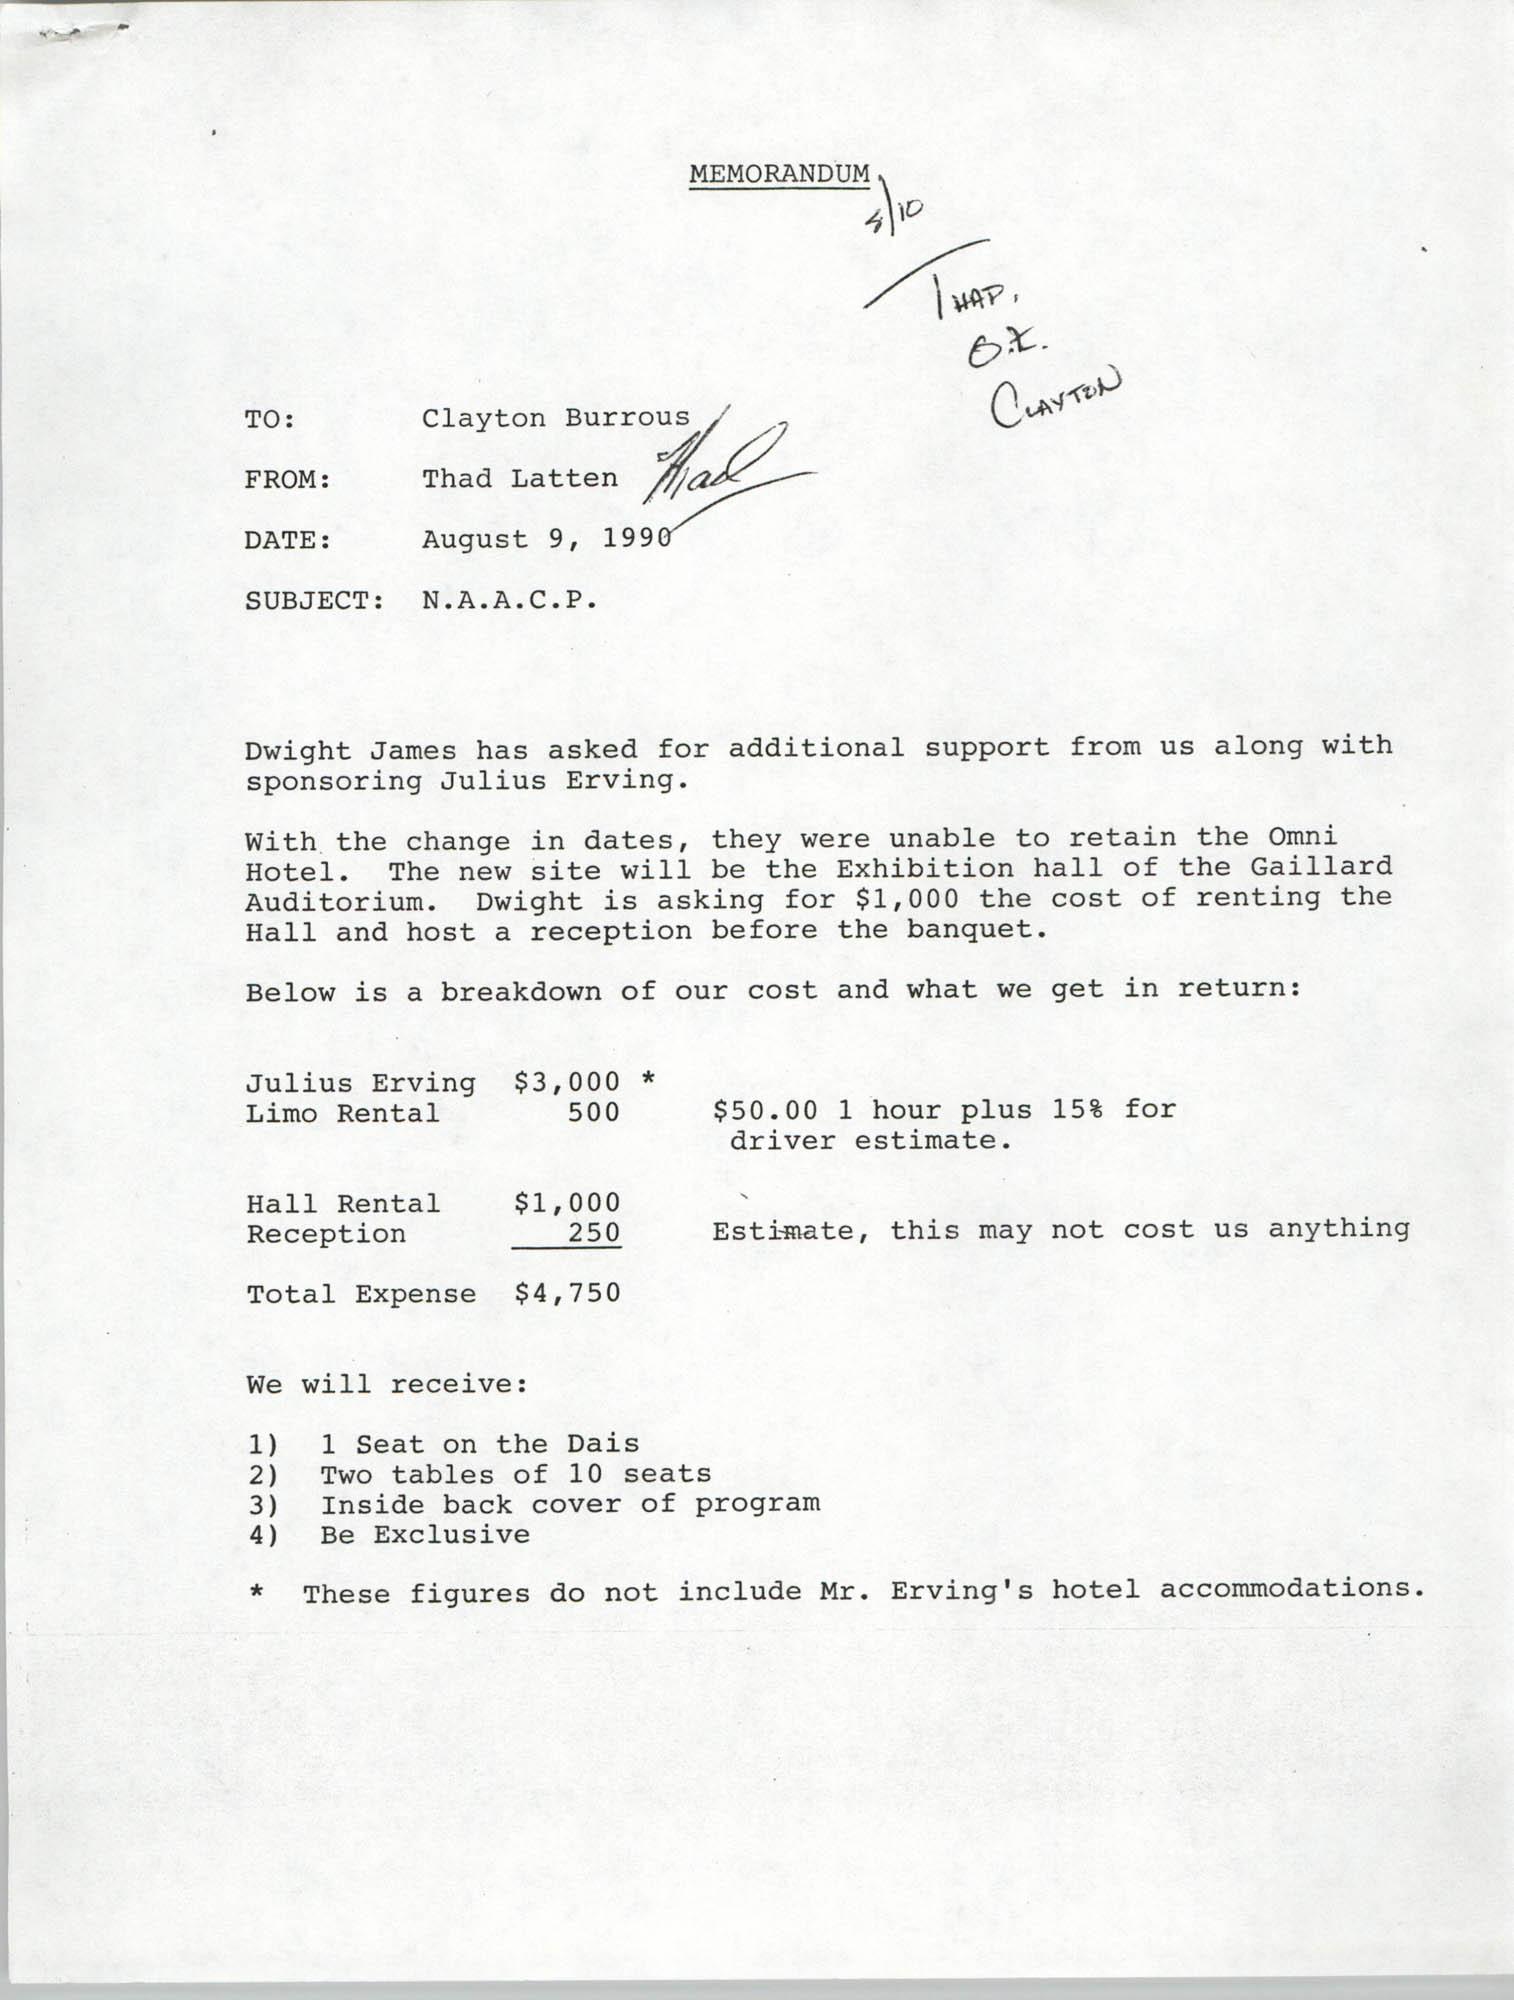 Memorandum, Thad Latten, August 9, 1990